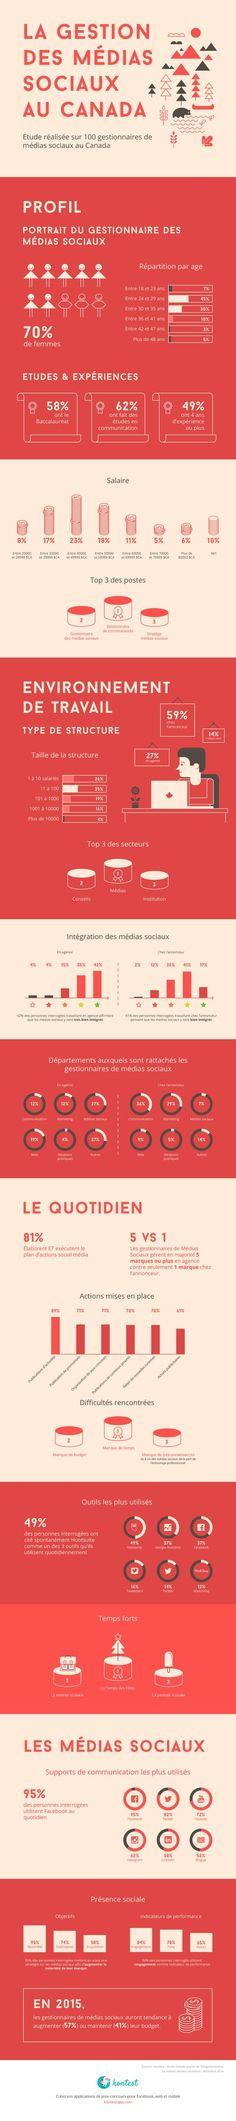 Portait du Gestionnaire de Médias Sociaux au Canada [Infographie]